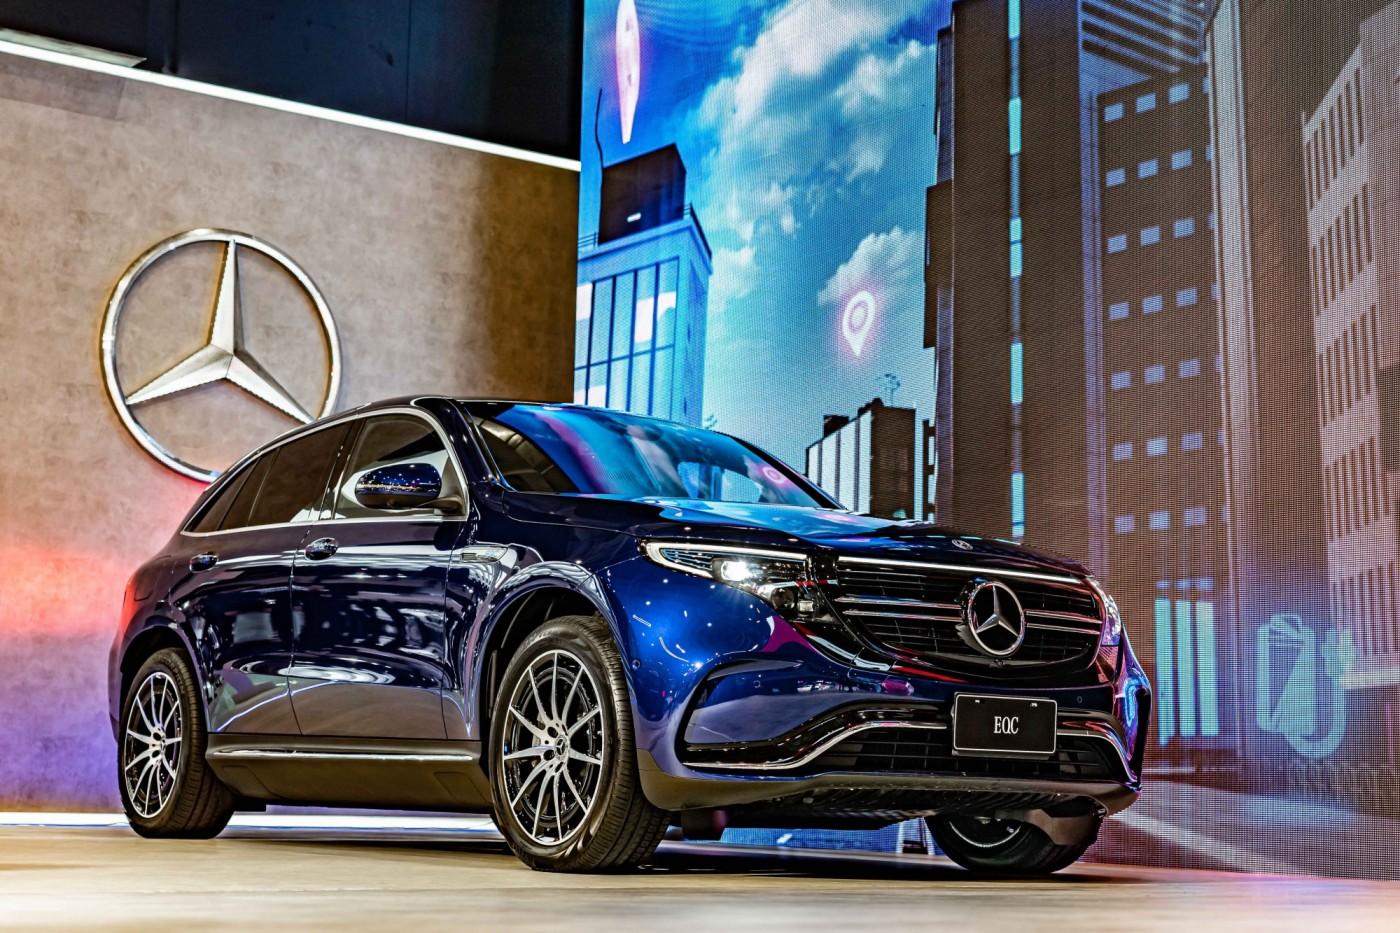 330萬元起跳!賓士首部量產電動車EQC在台開賣,性能、充電優惠一次看